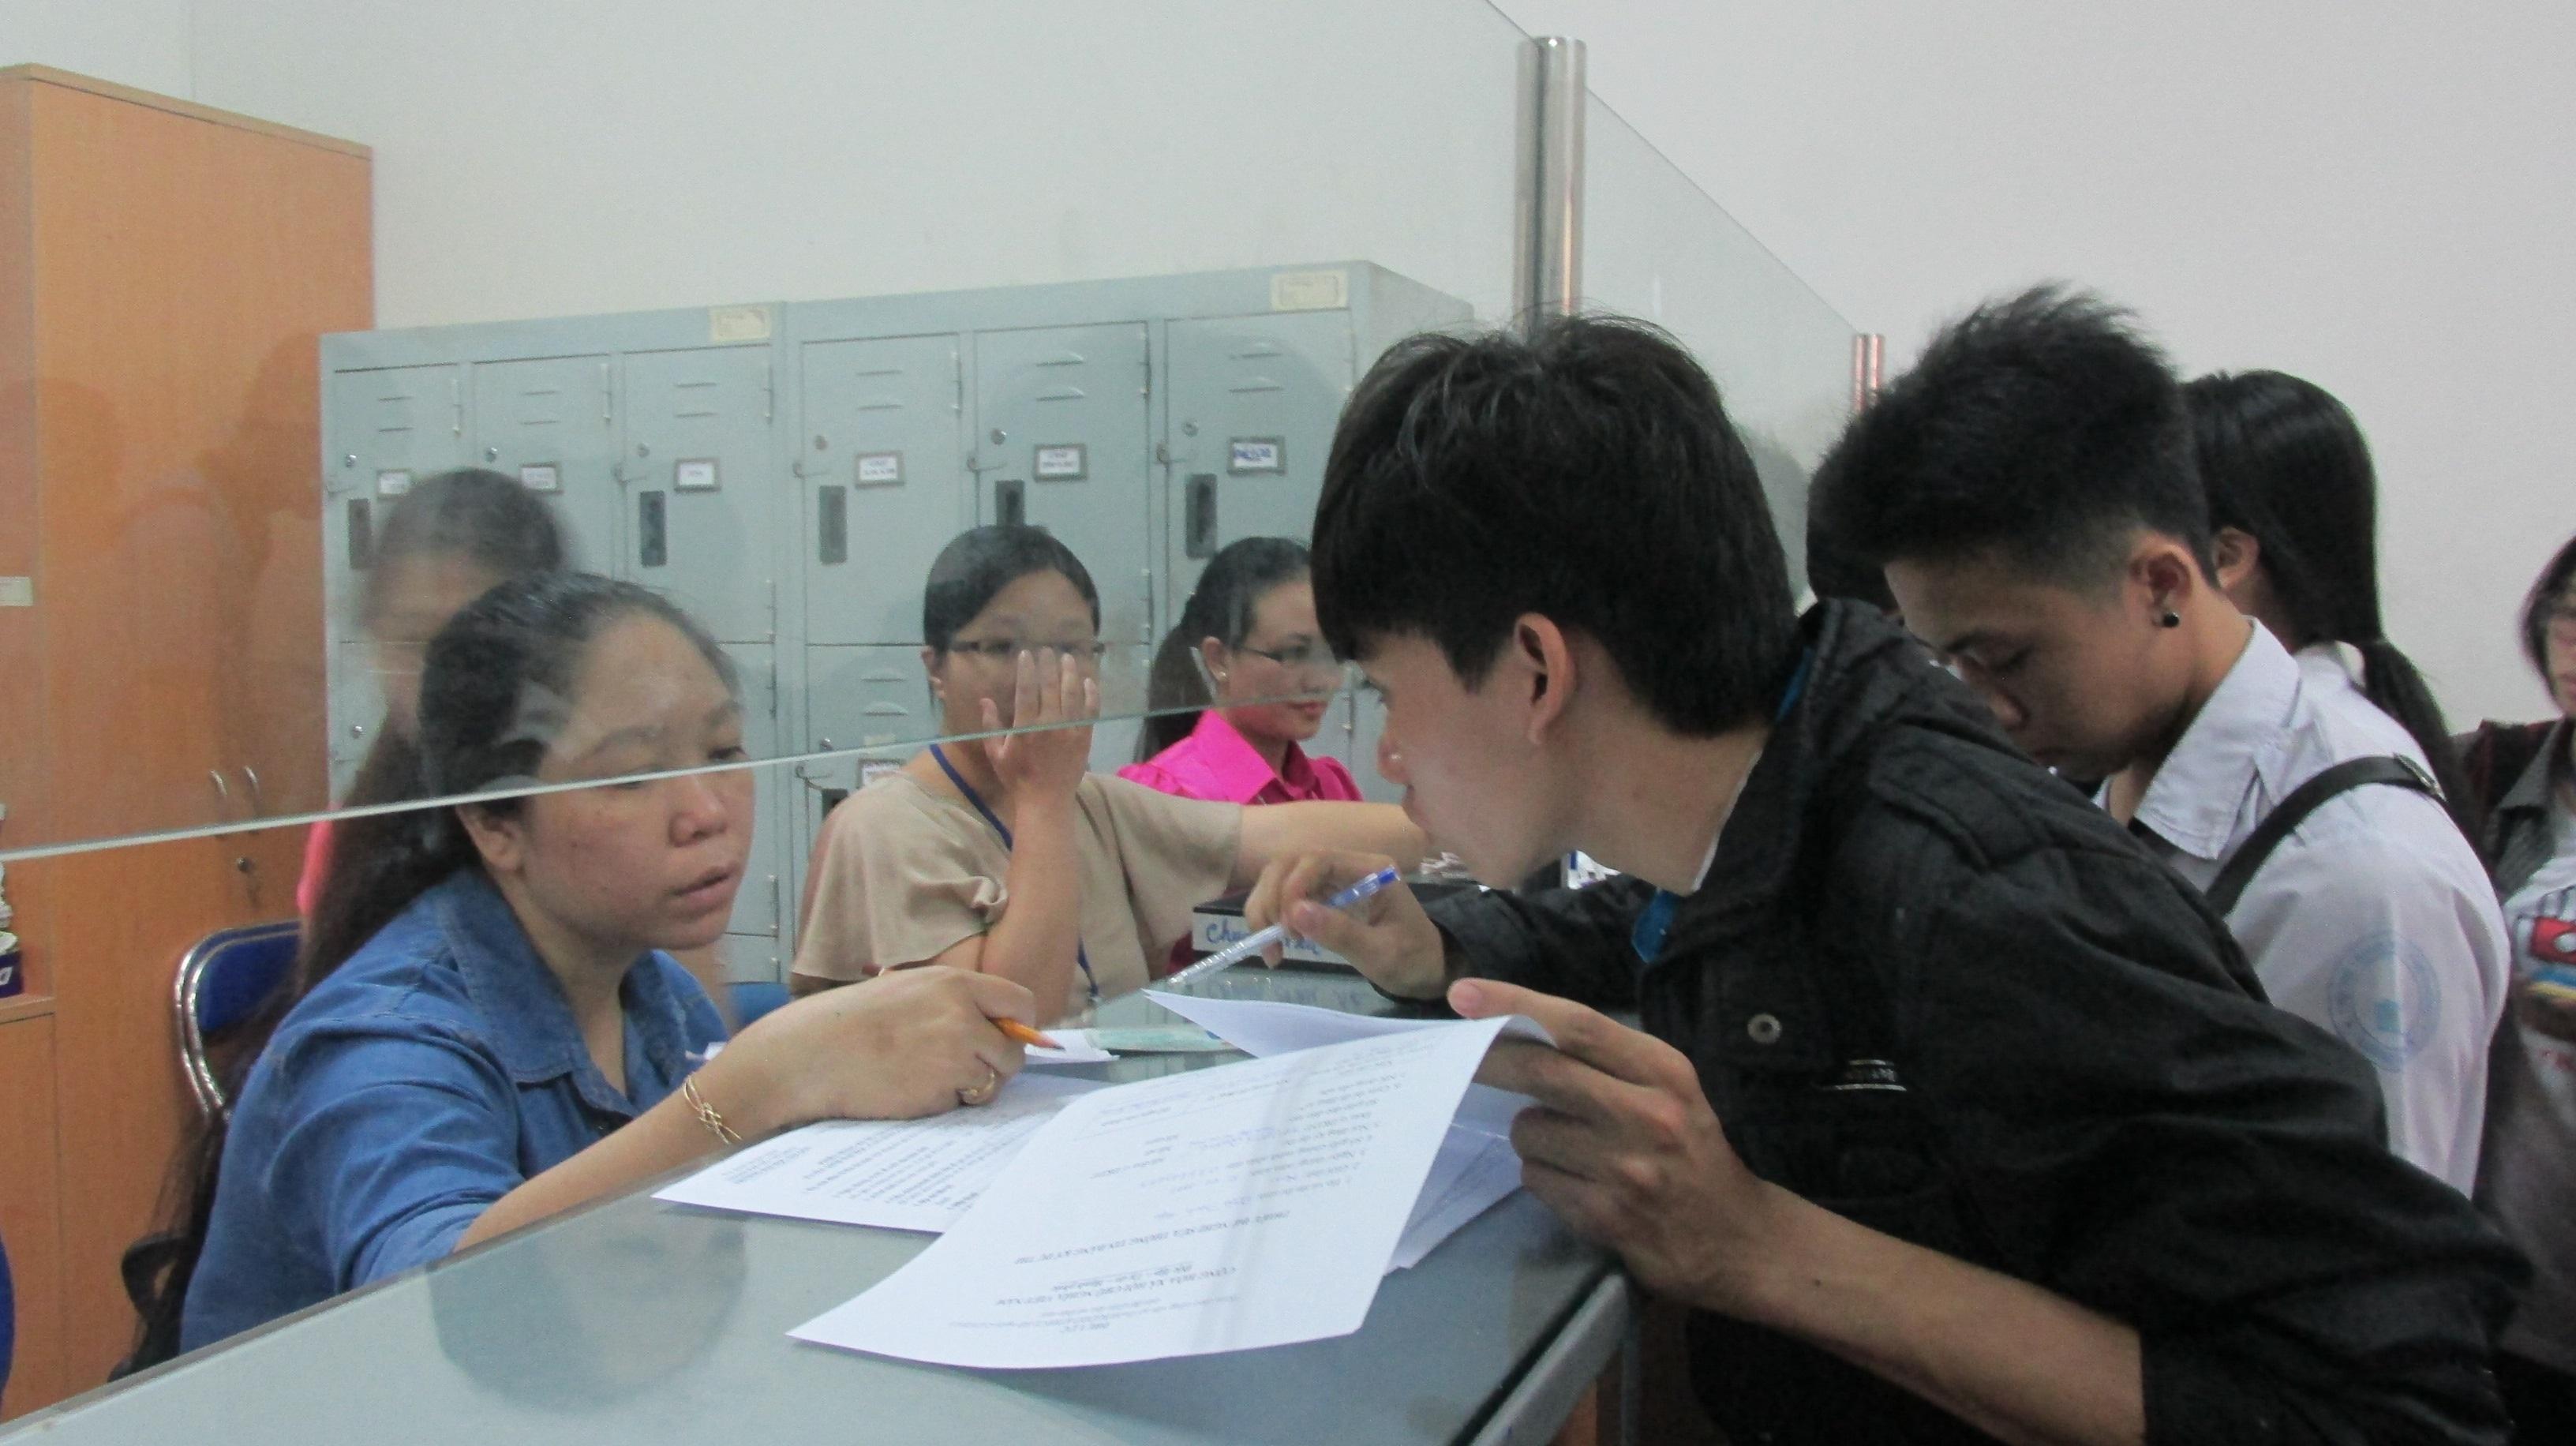 Một thí sinh đến báo chỉnh sửa thông tin trên giấy báo dự thi (ảnh Lê Phương)